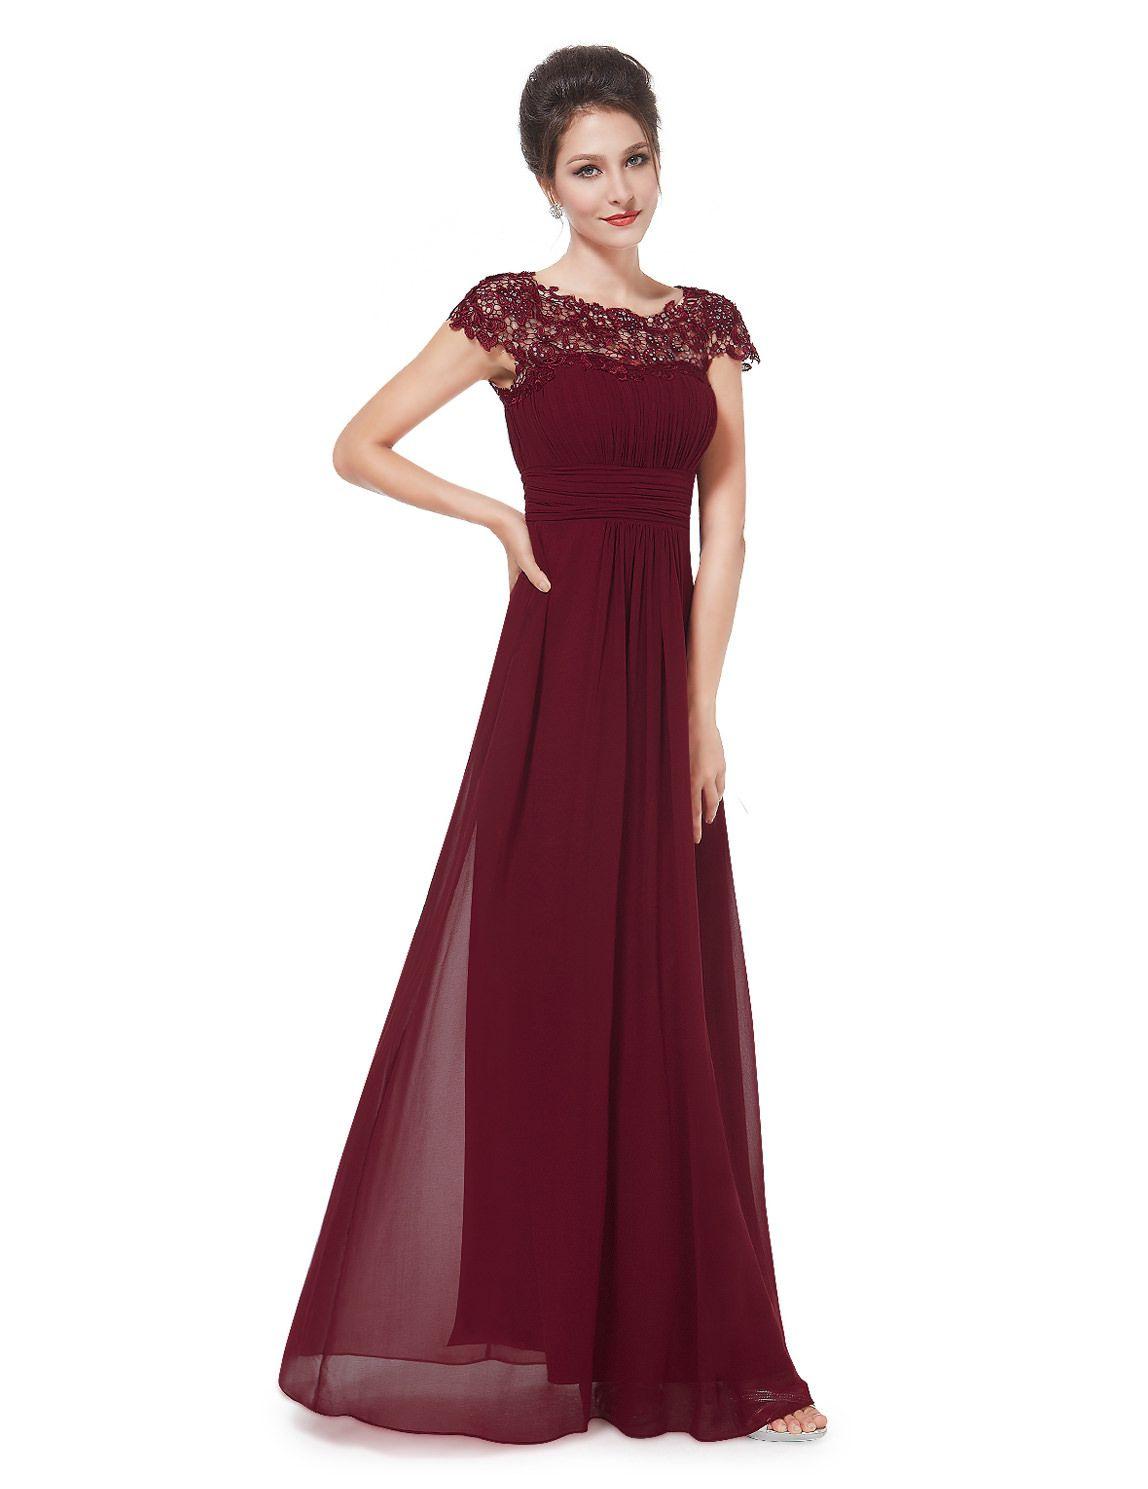 17 Großartig Abend Kleid Lang Rot Design13 Luxurius Abend Kleid Lang Rot Ärmel